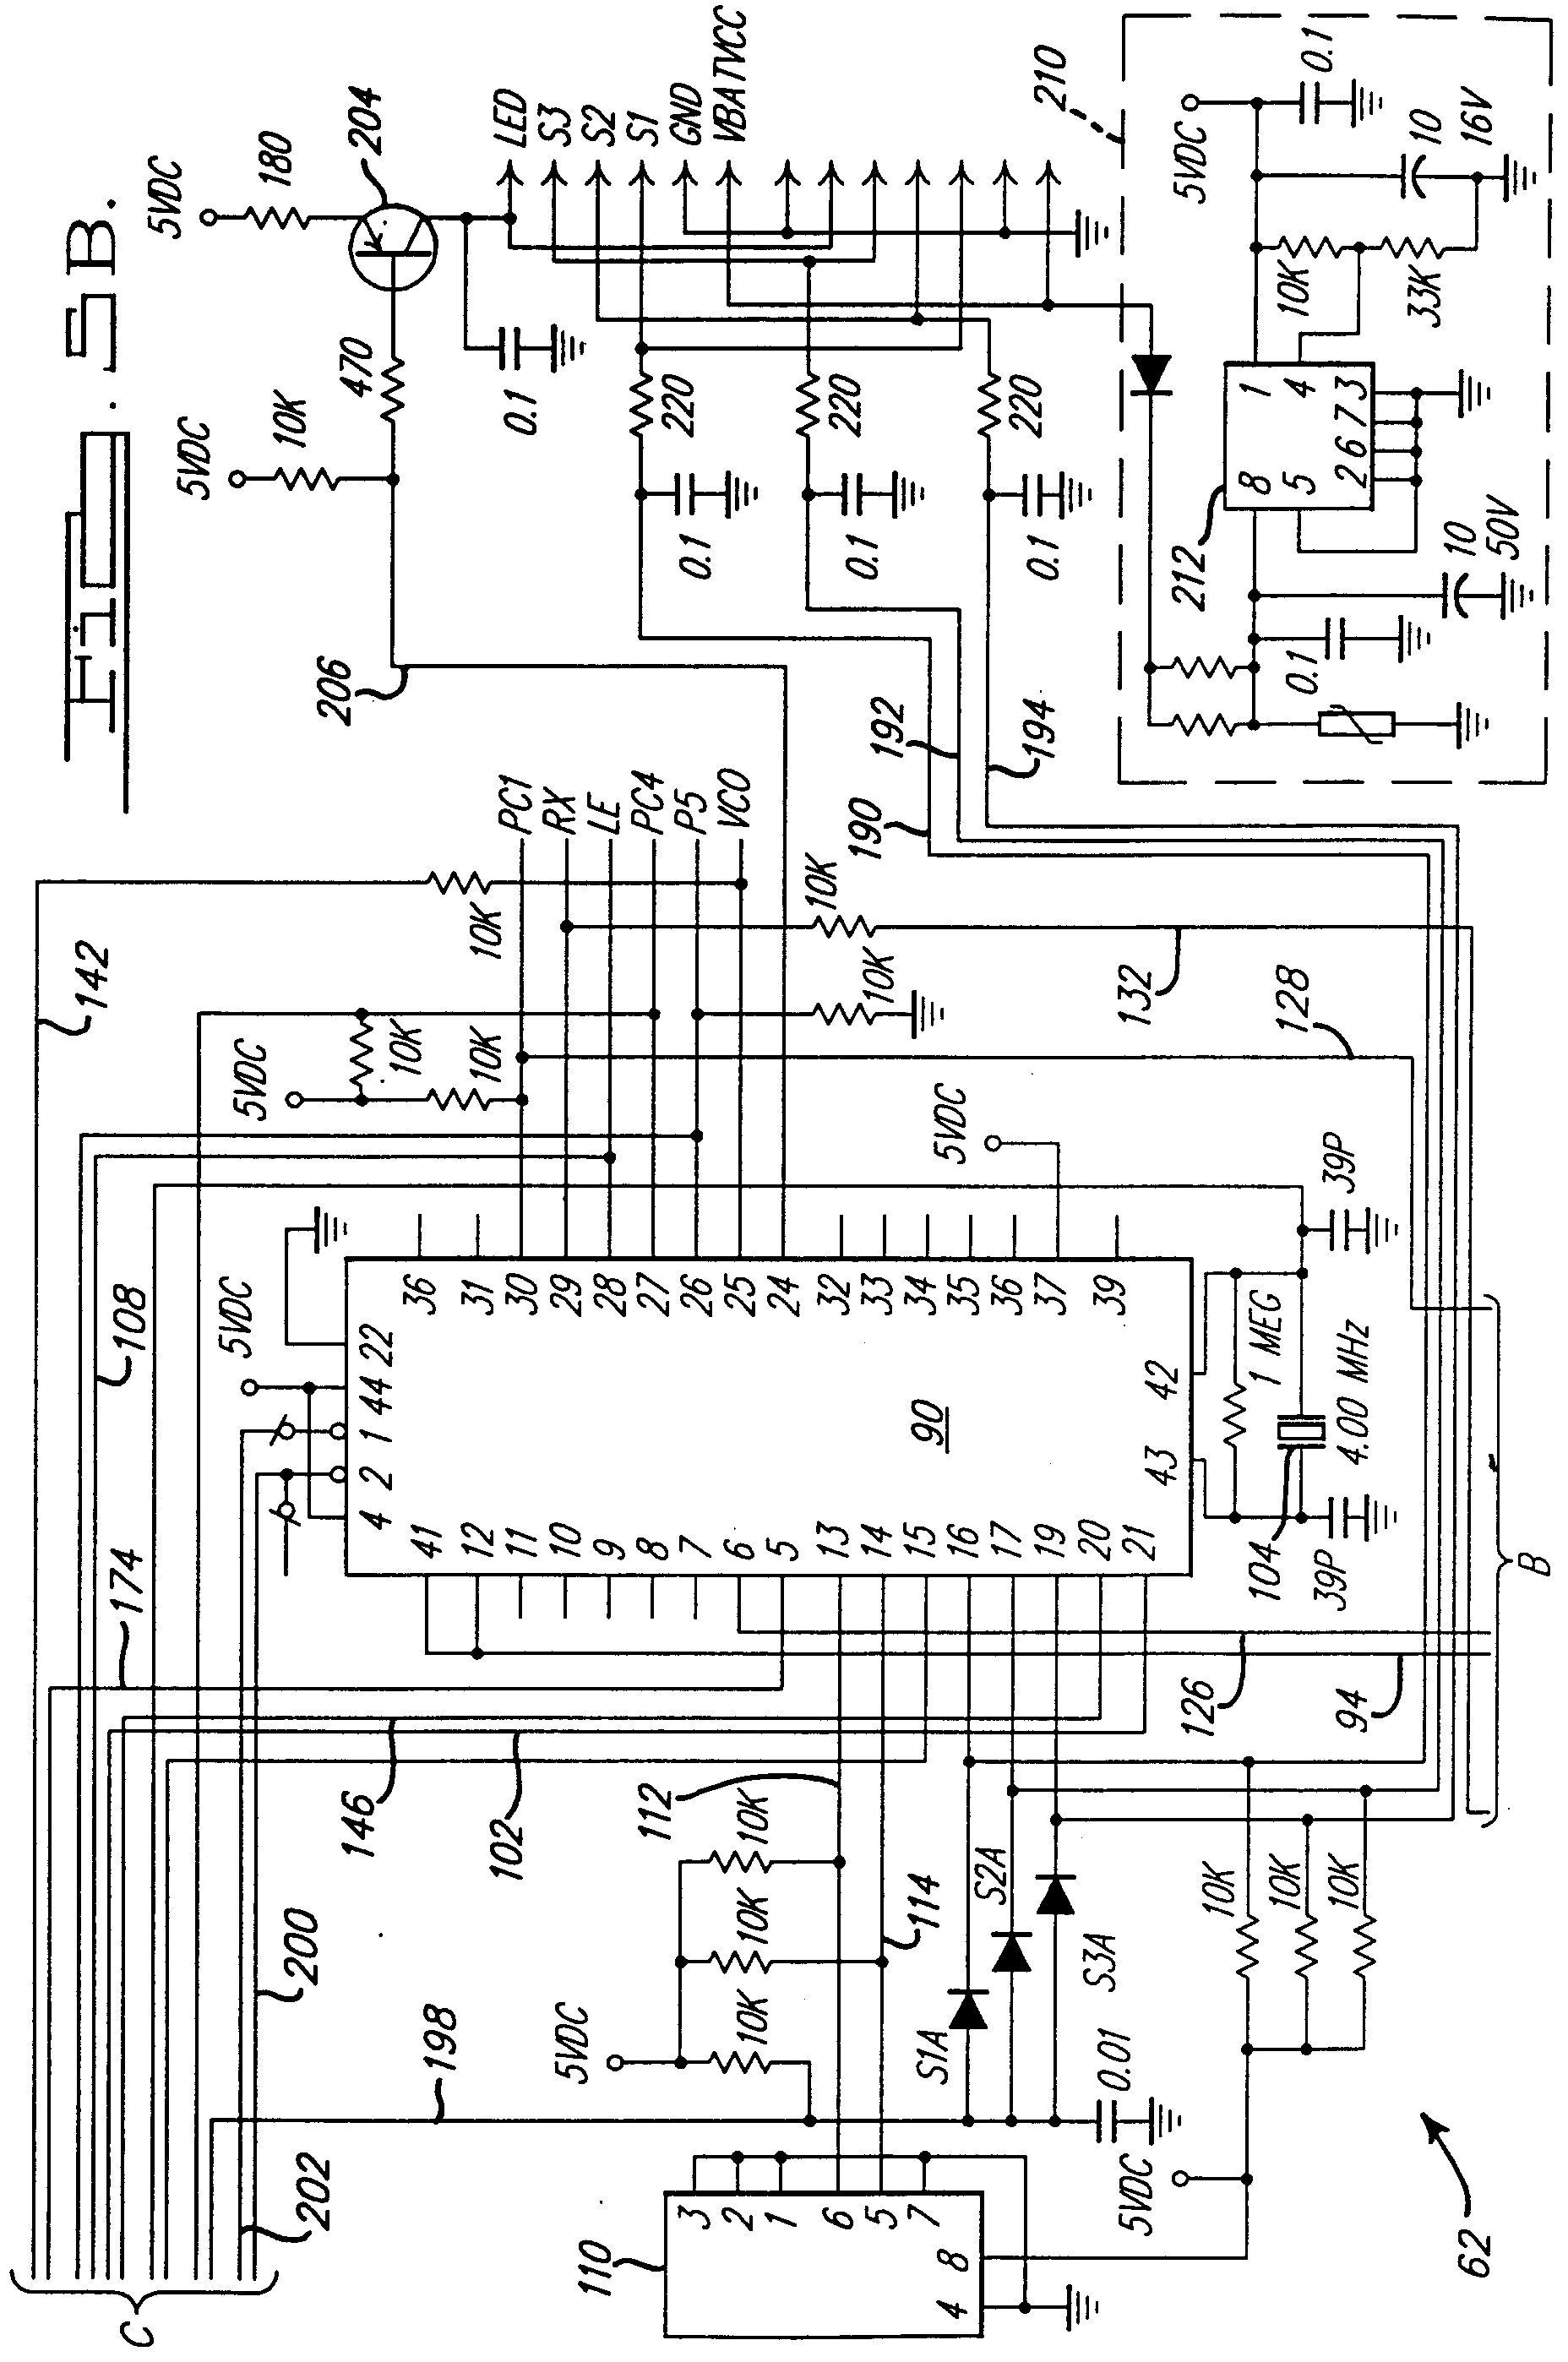 genie s 60 wiring diagram schematic wiring diagram  genie s 40 wiring diagram #14